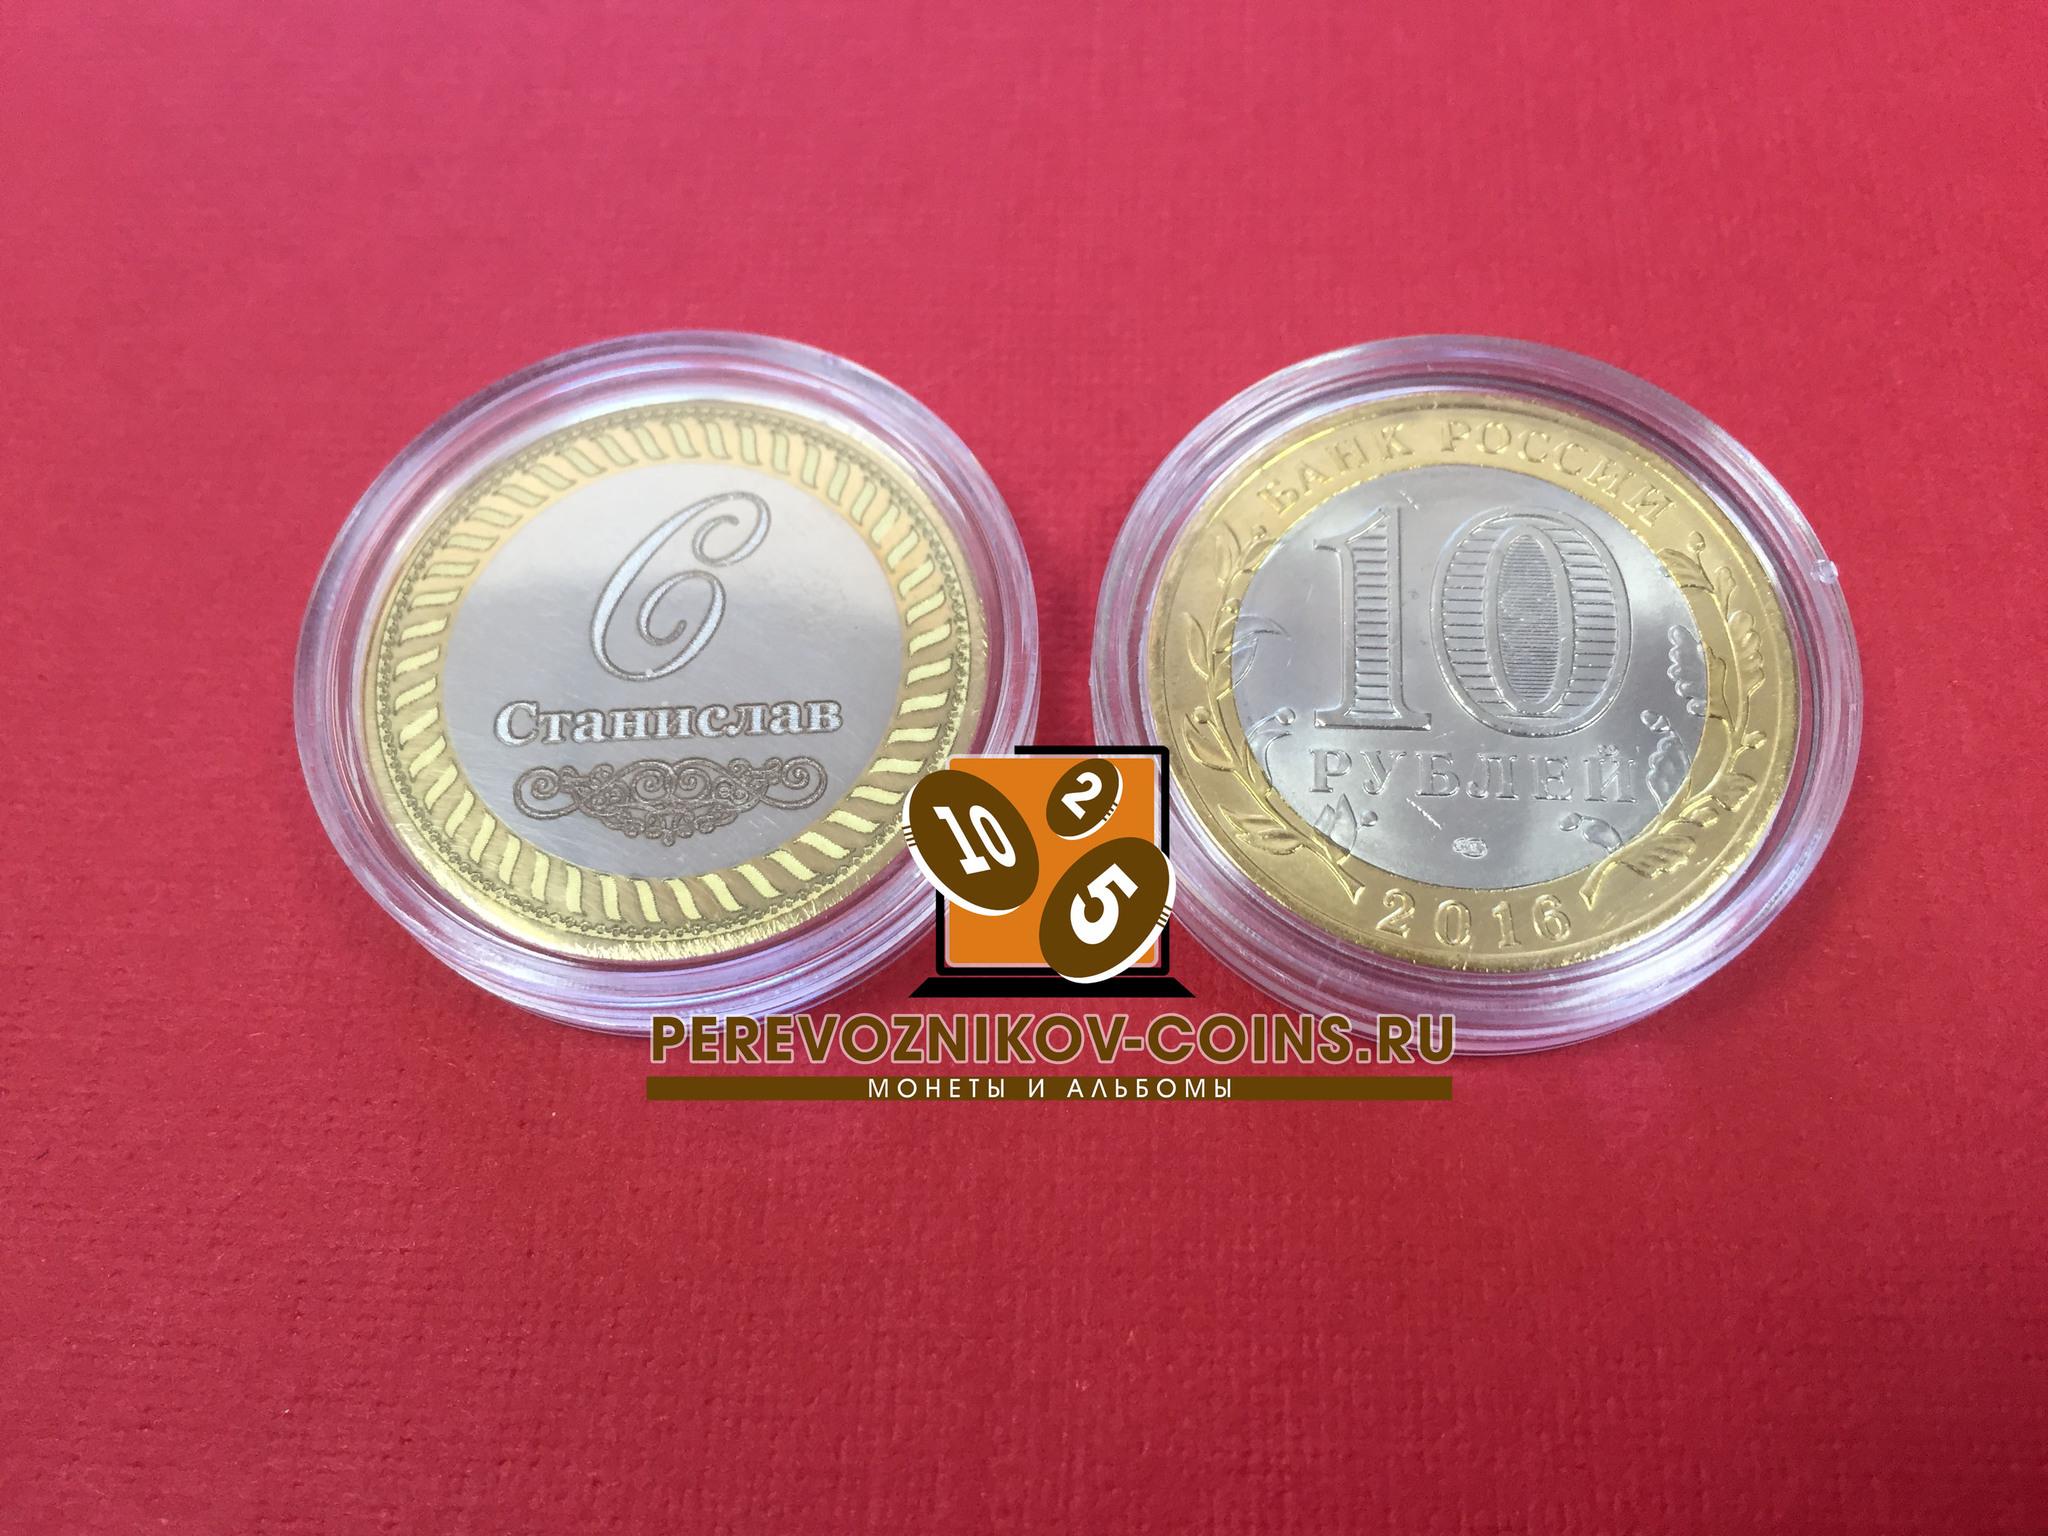 Станислав. Гравированная монета 10 рублей